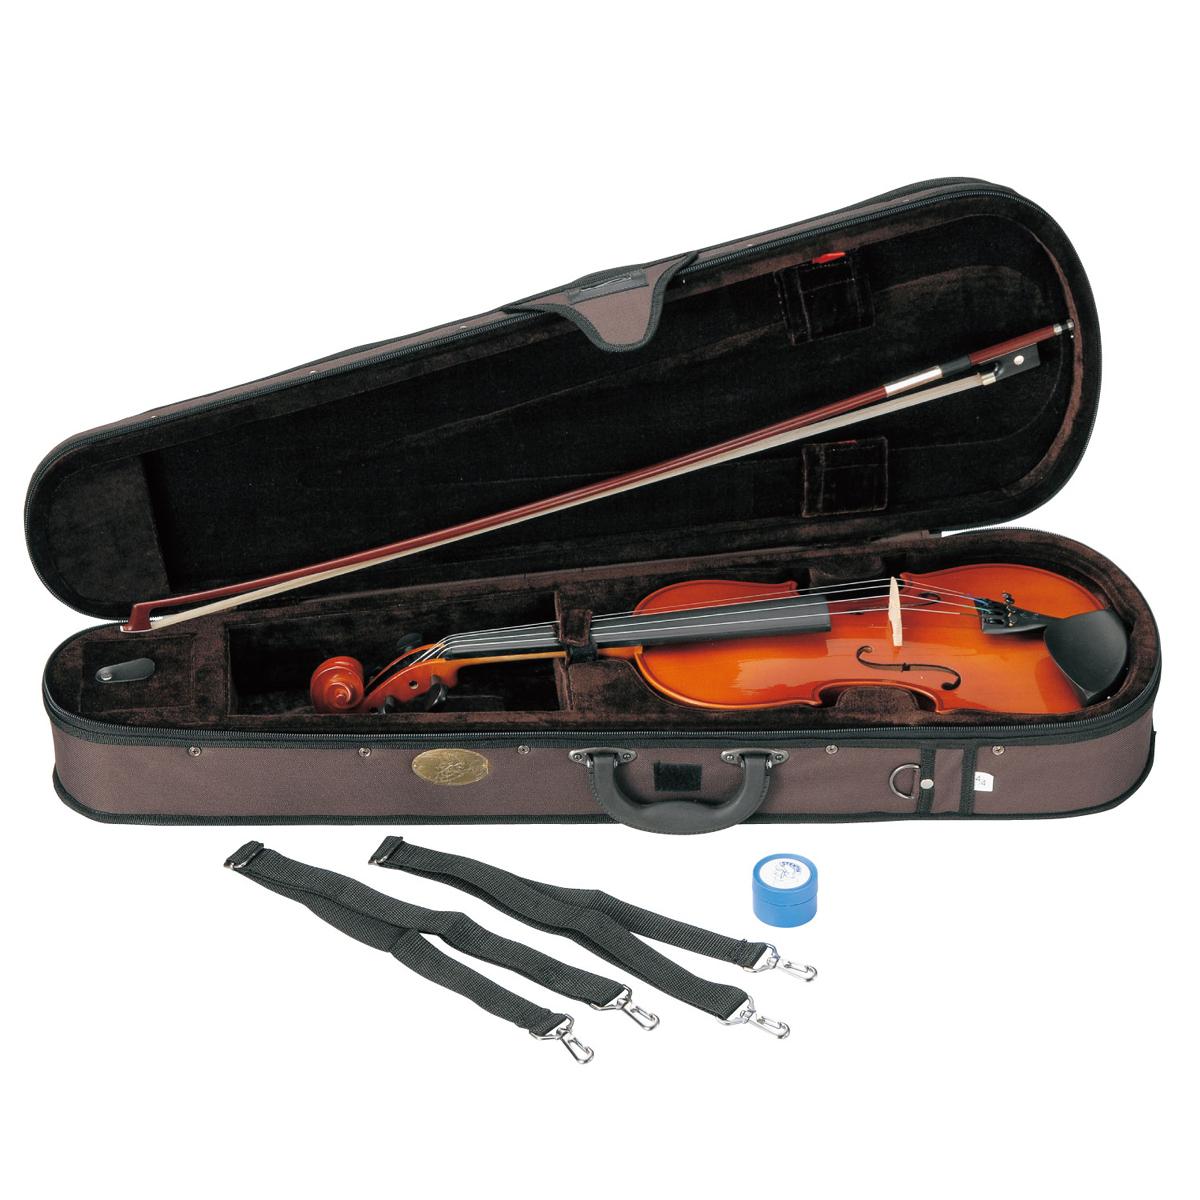 【弓/松脂/ケース付】STENTOR SV-120 1/16 新品 バイオリンセット[ステンター][Violin,ヴァイオリン][初心者/入門用][分数]